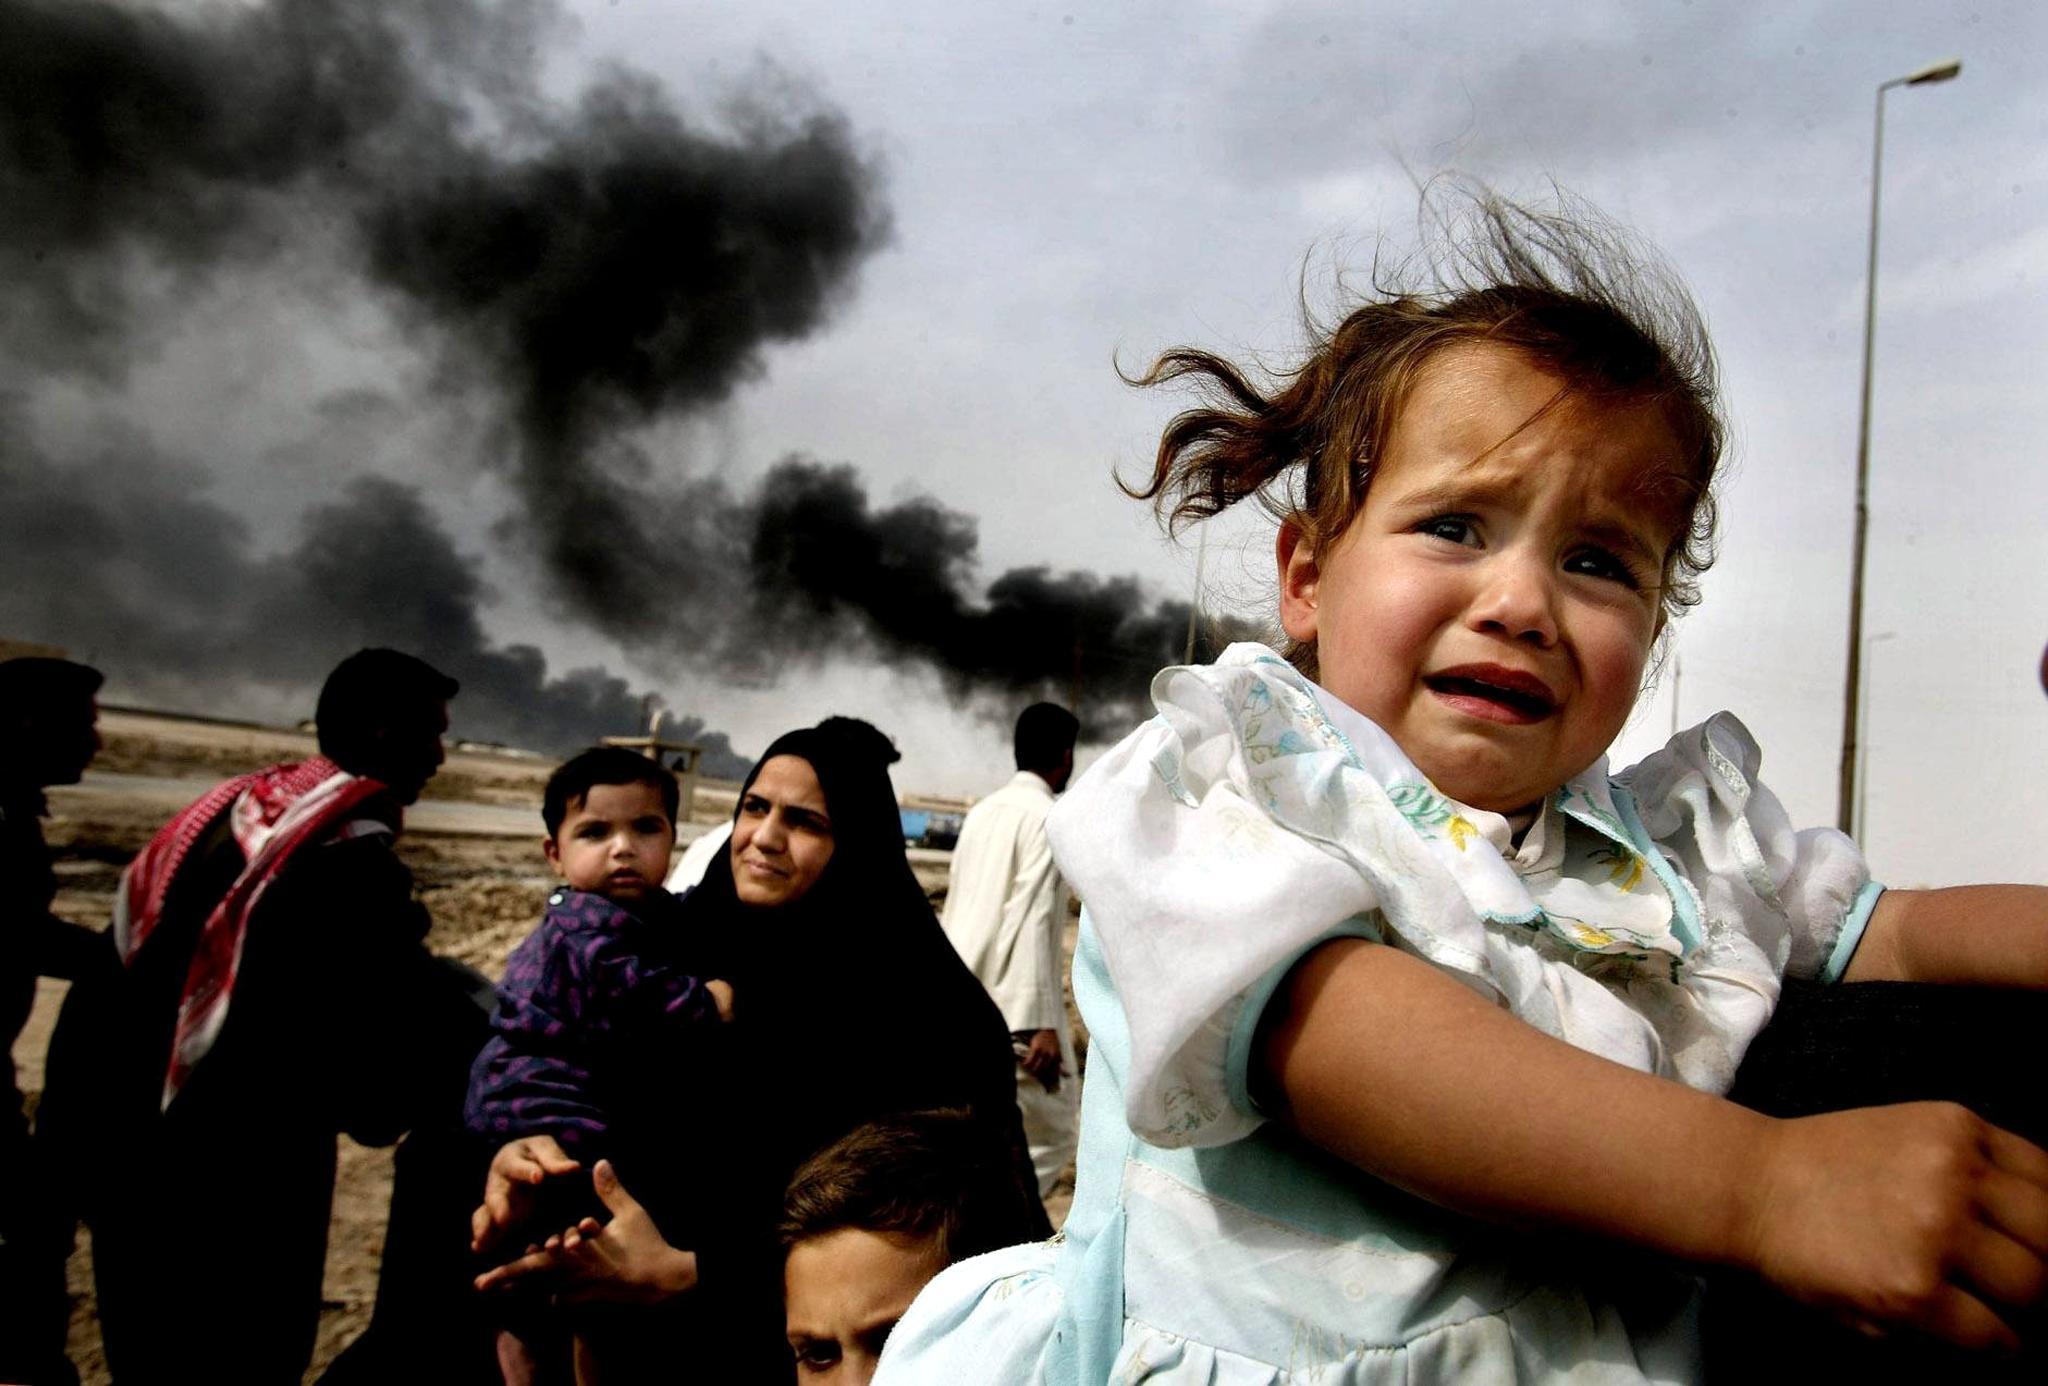 Iraqi families continue to leave Basra i